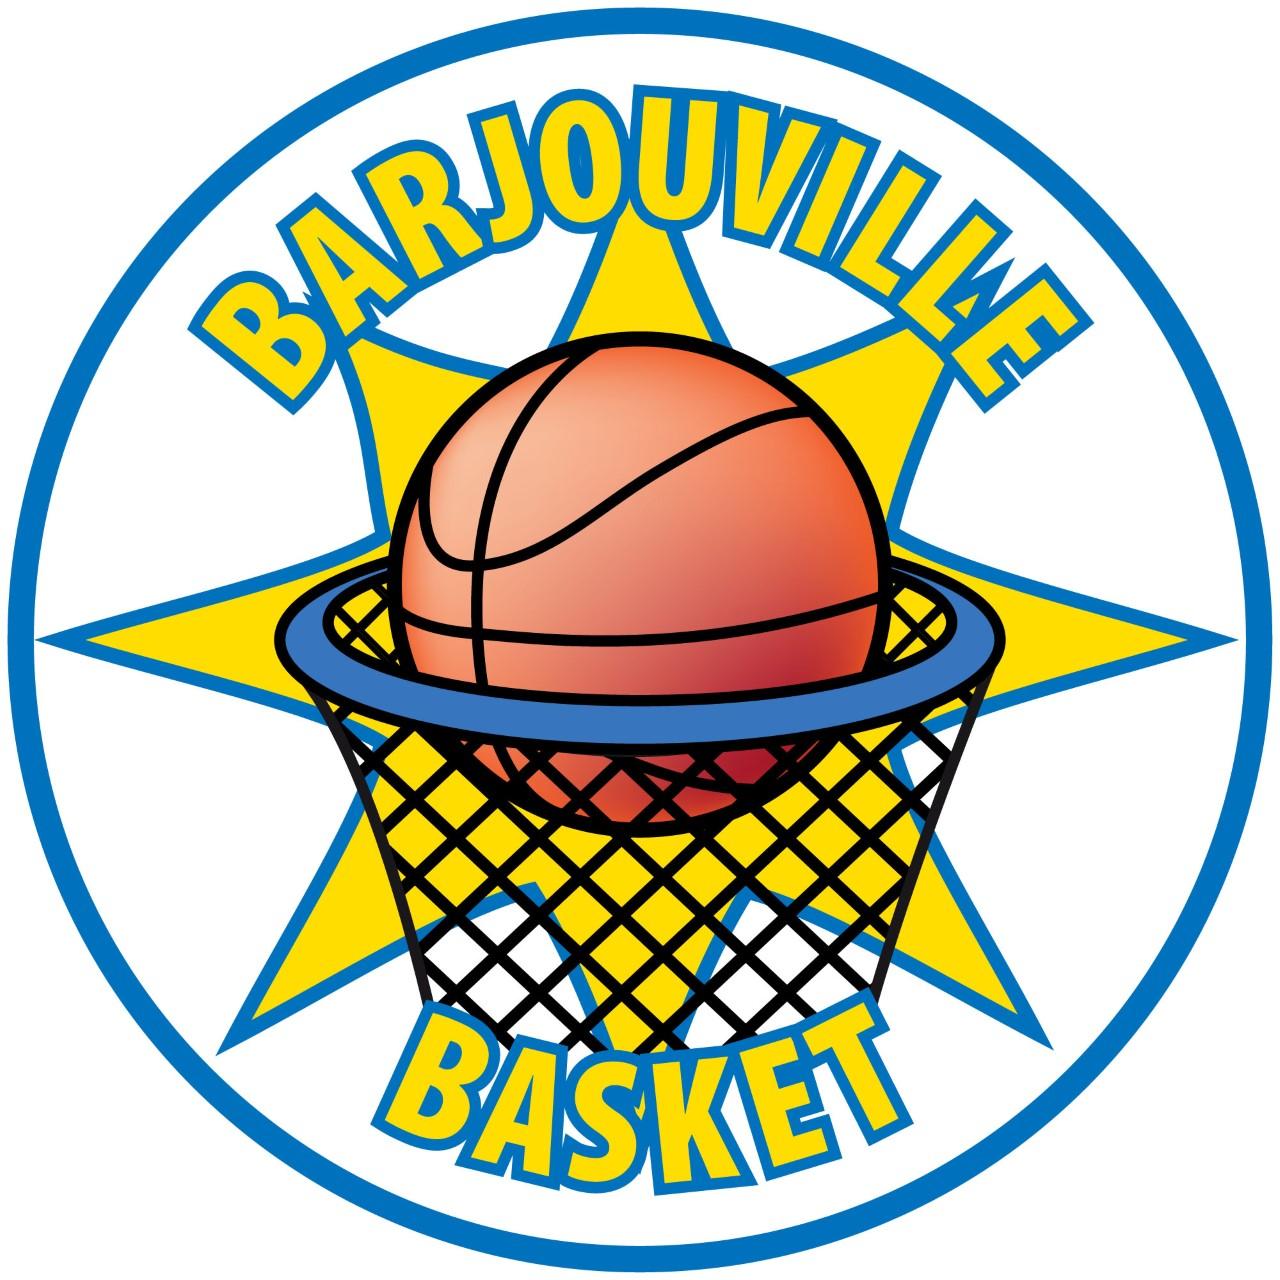 barjoubasket.png